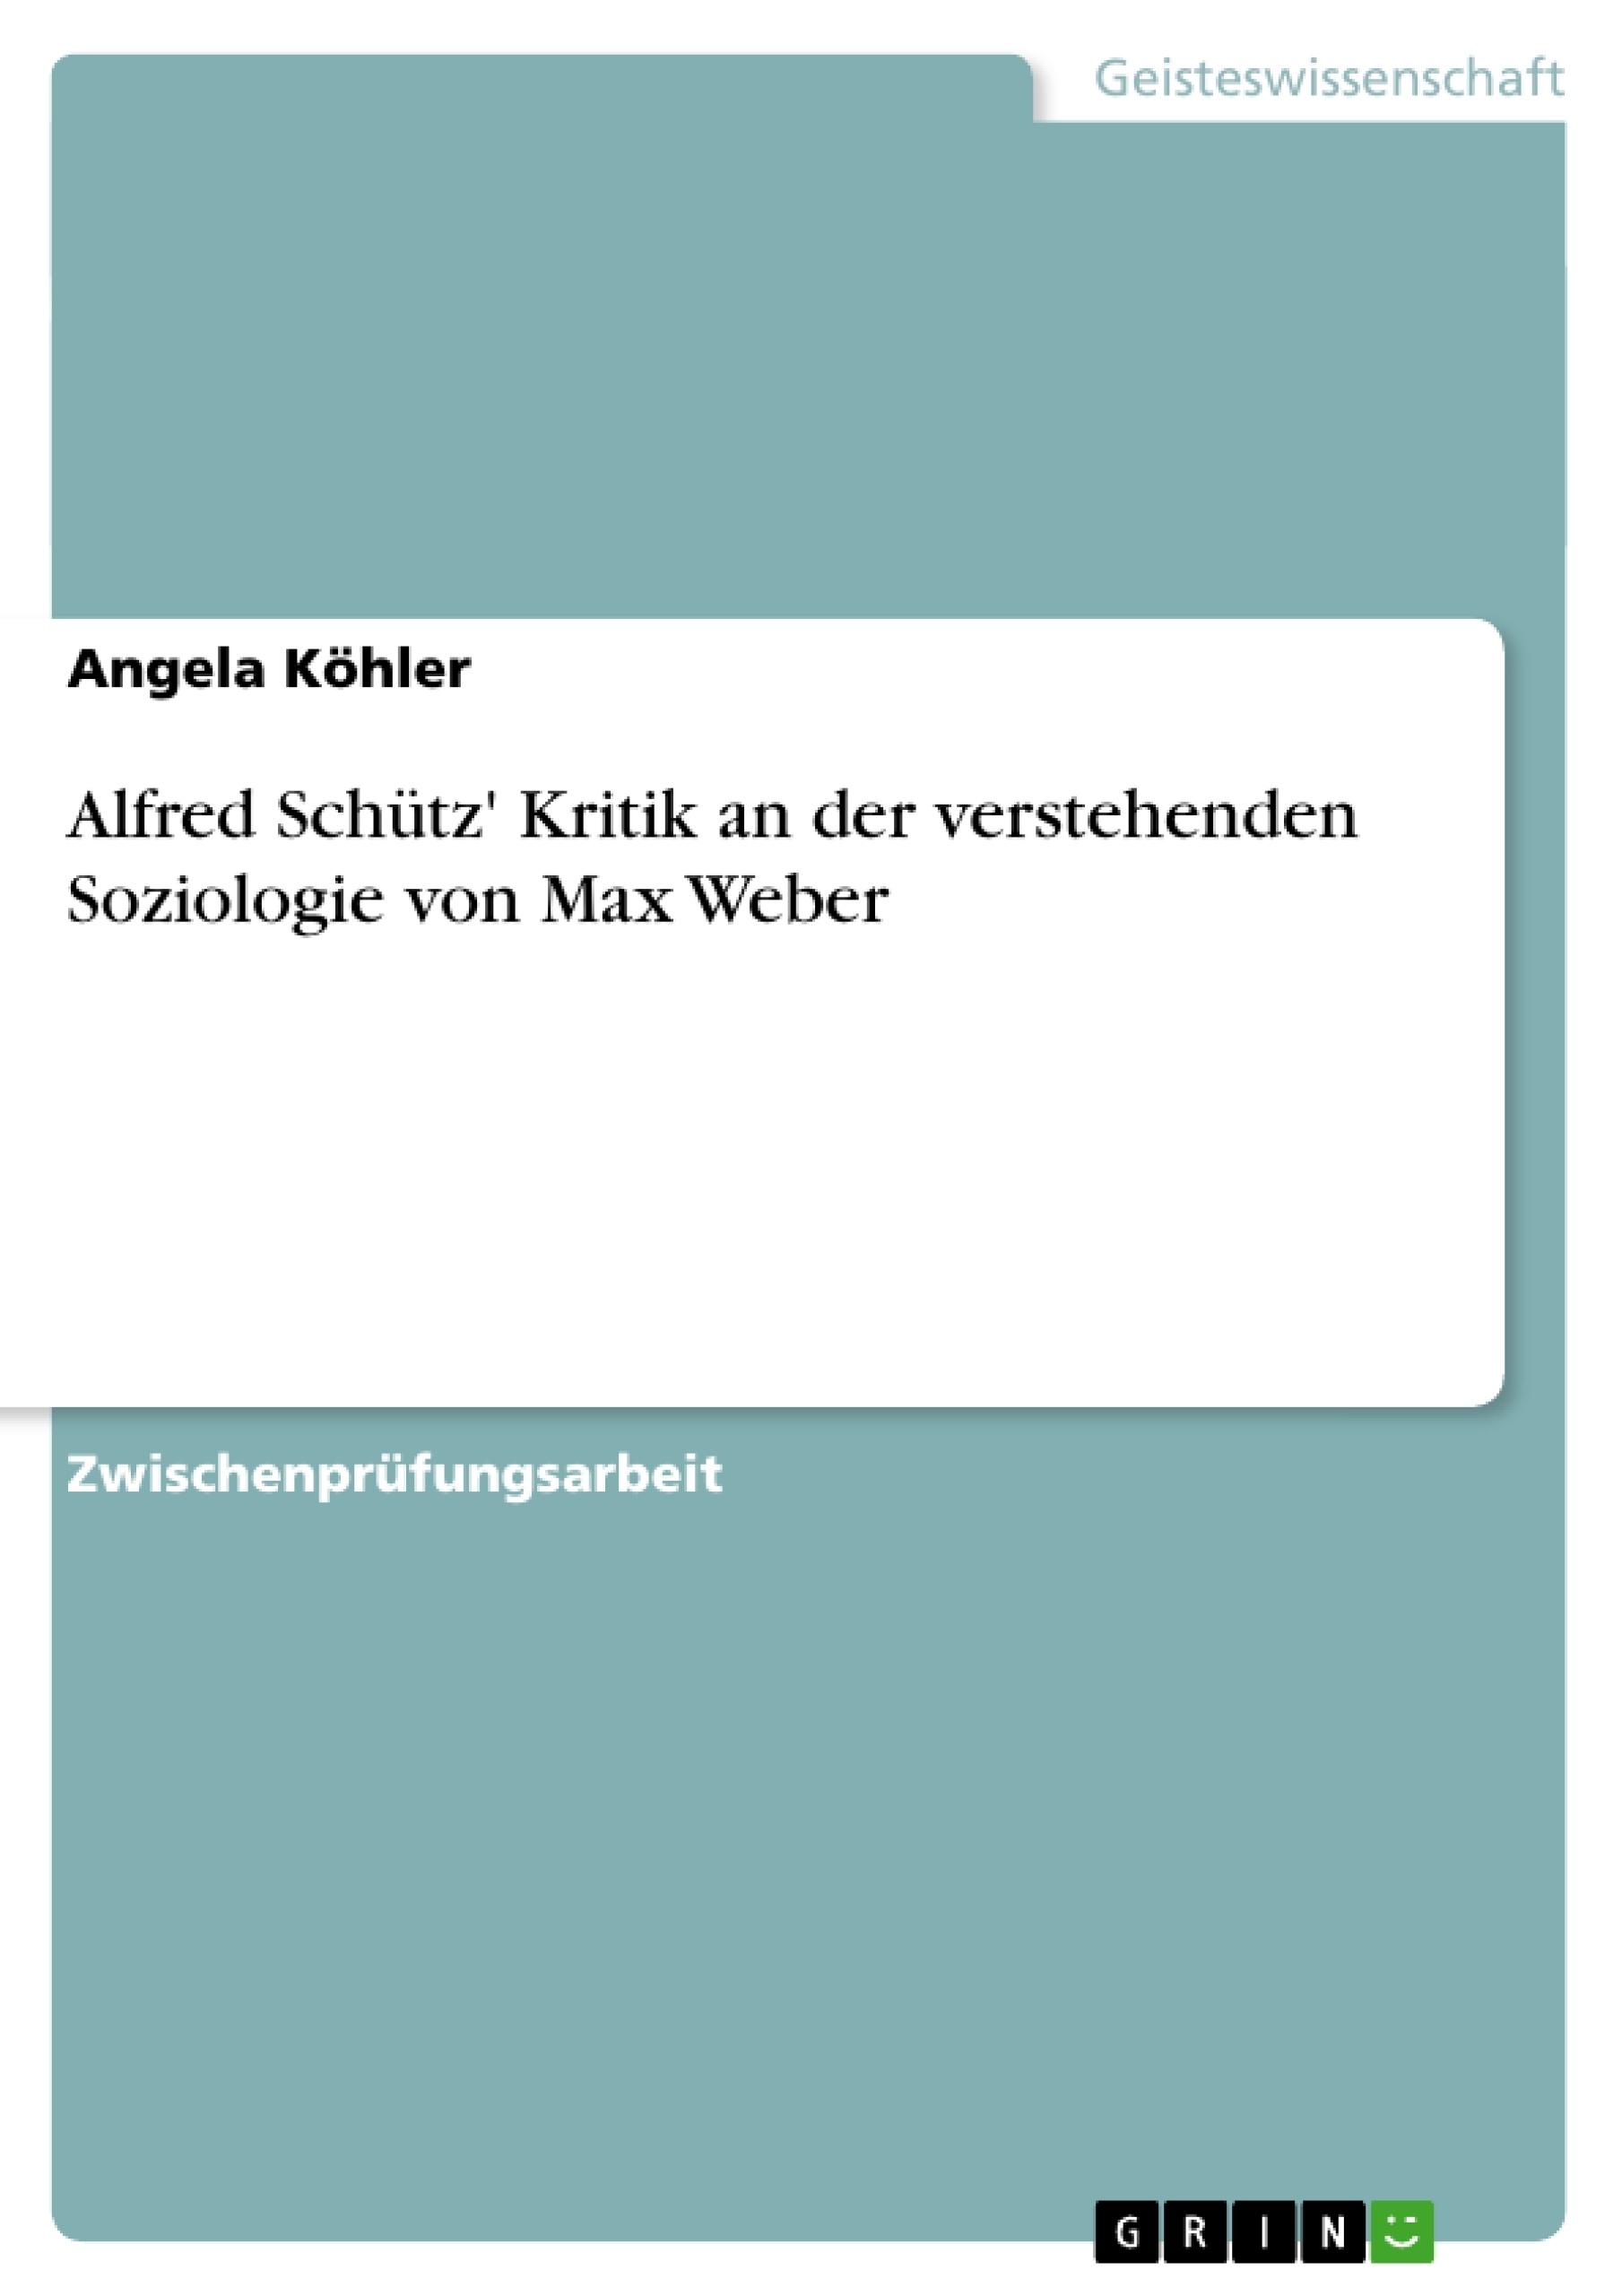 Titel: Alfred Schütz' Kritik an der verstehenden Soziologie von Max Weber